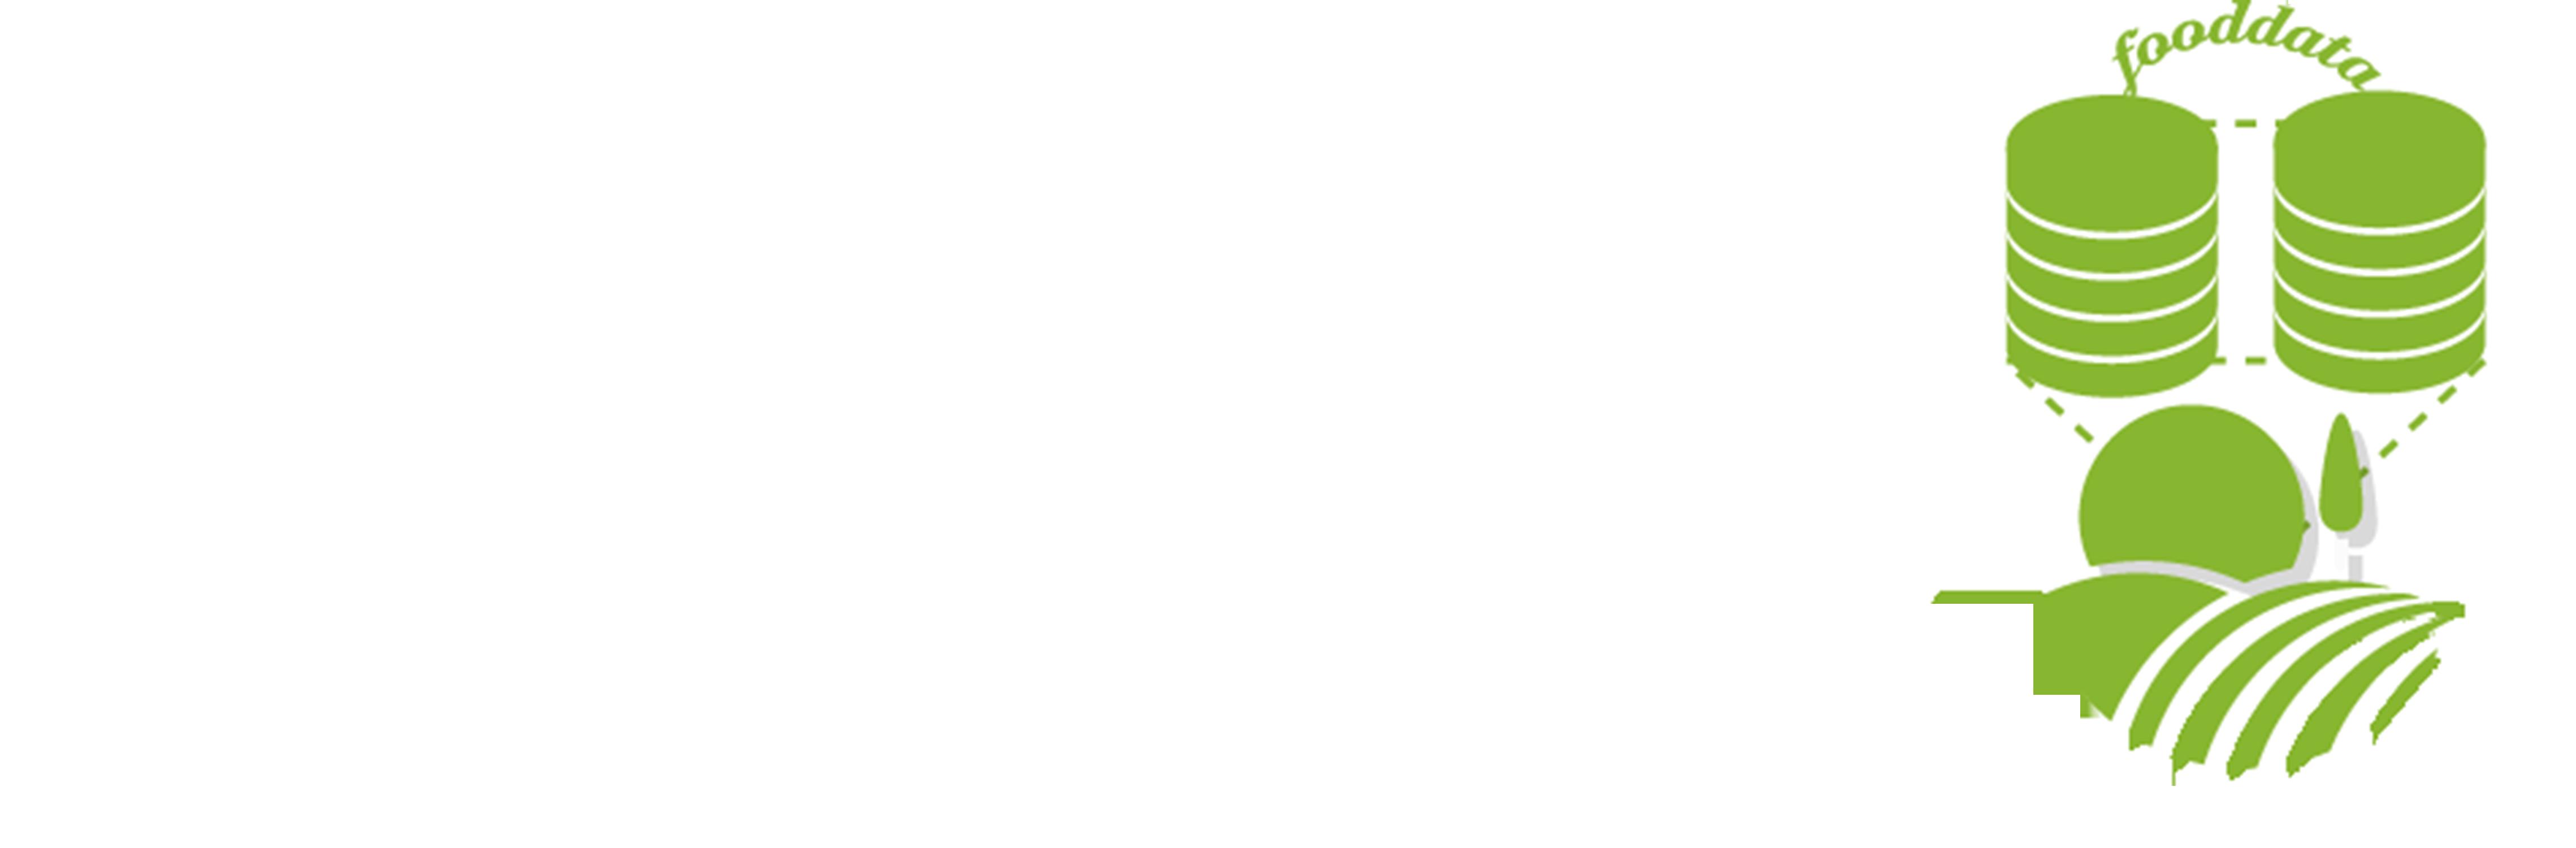 Fooddata NG